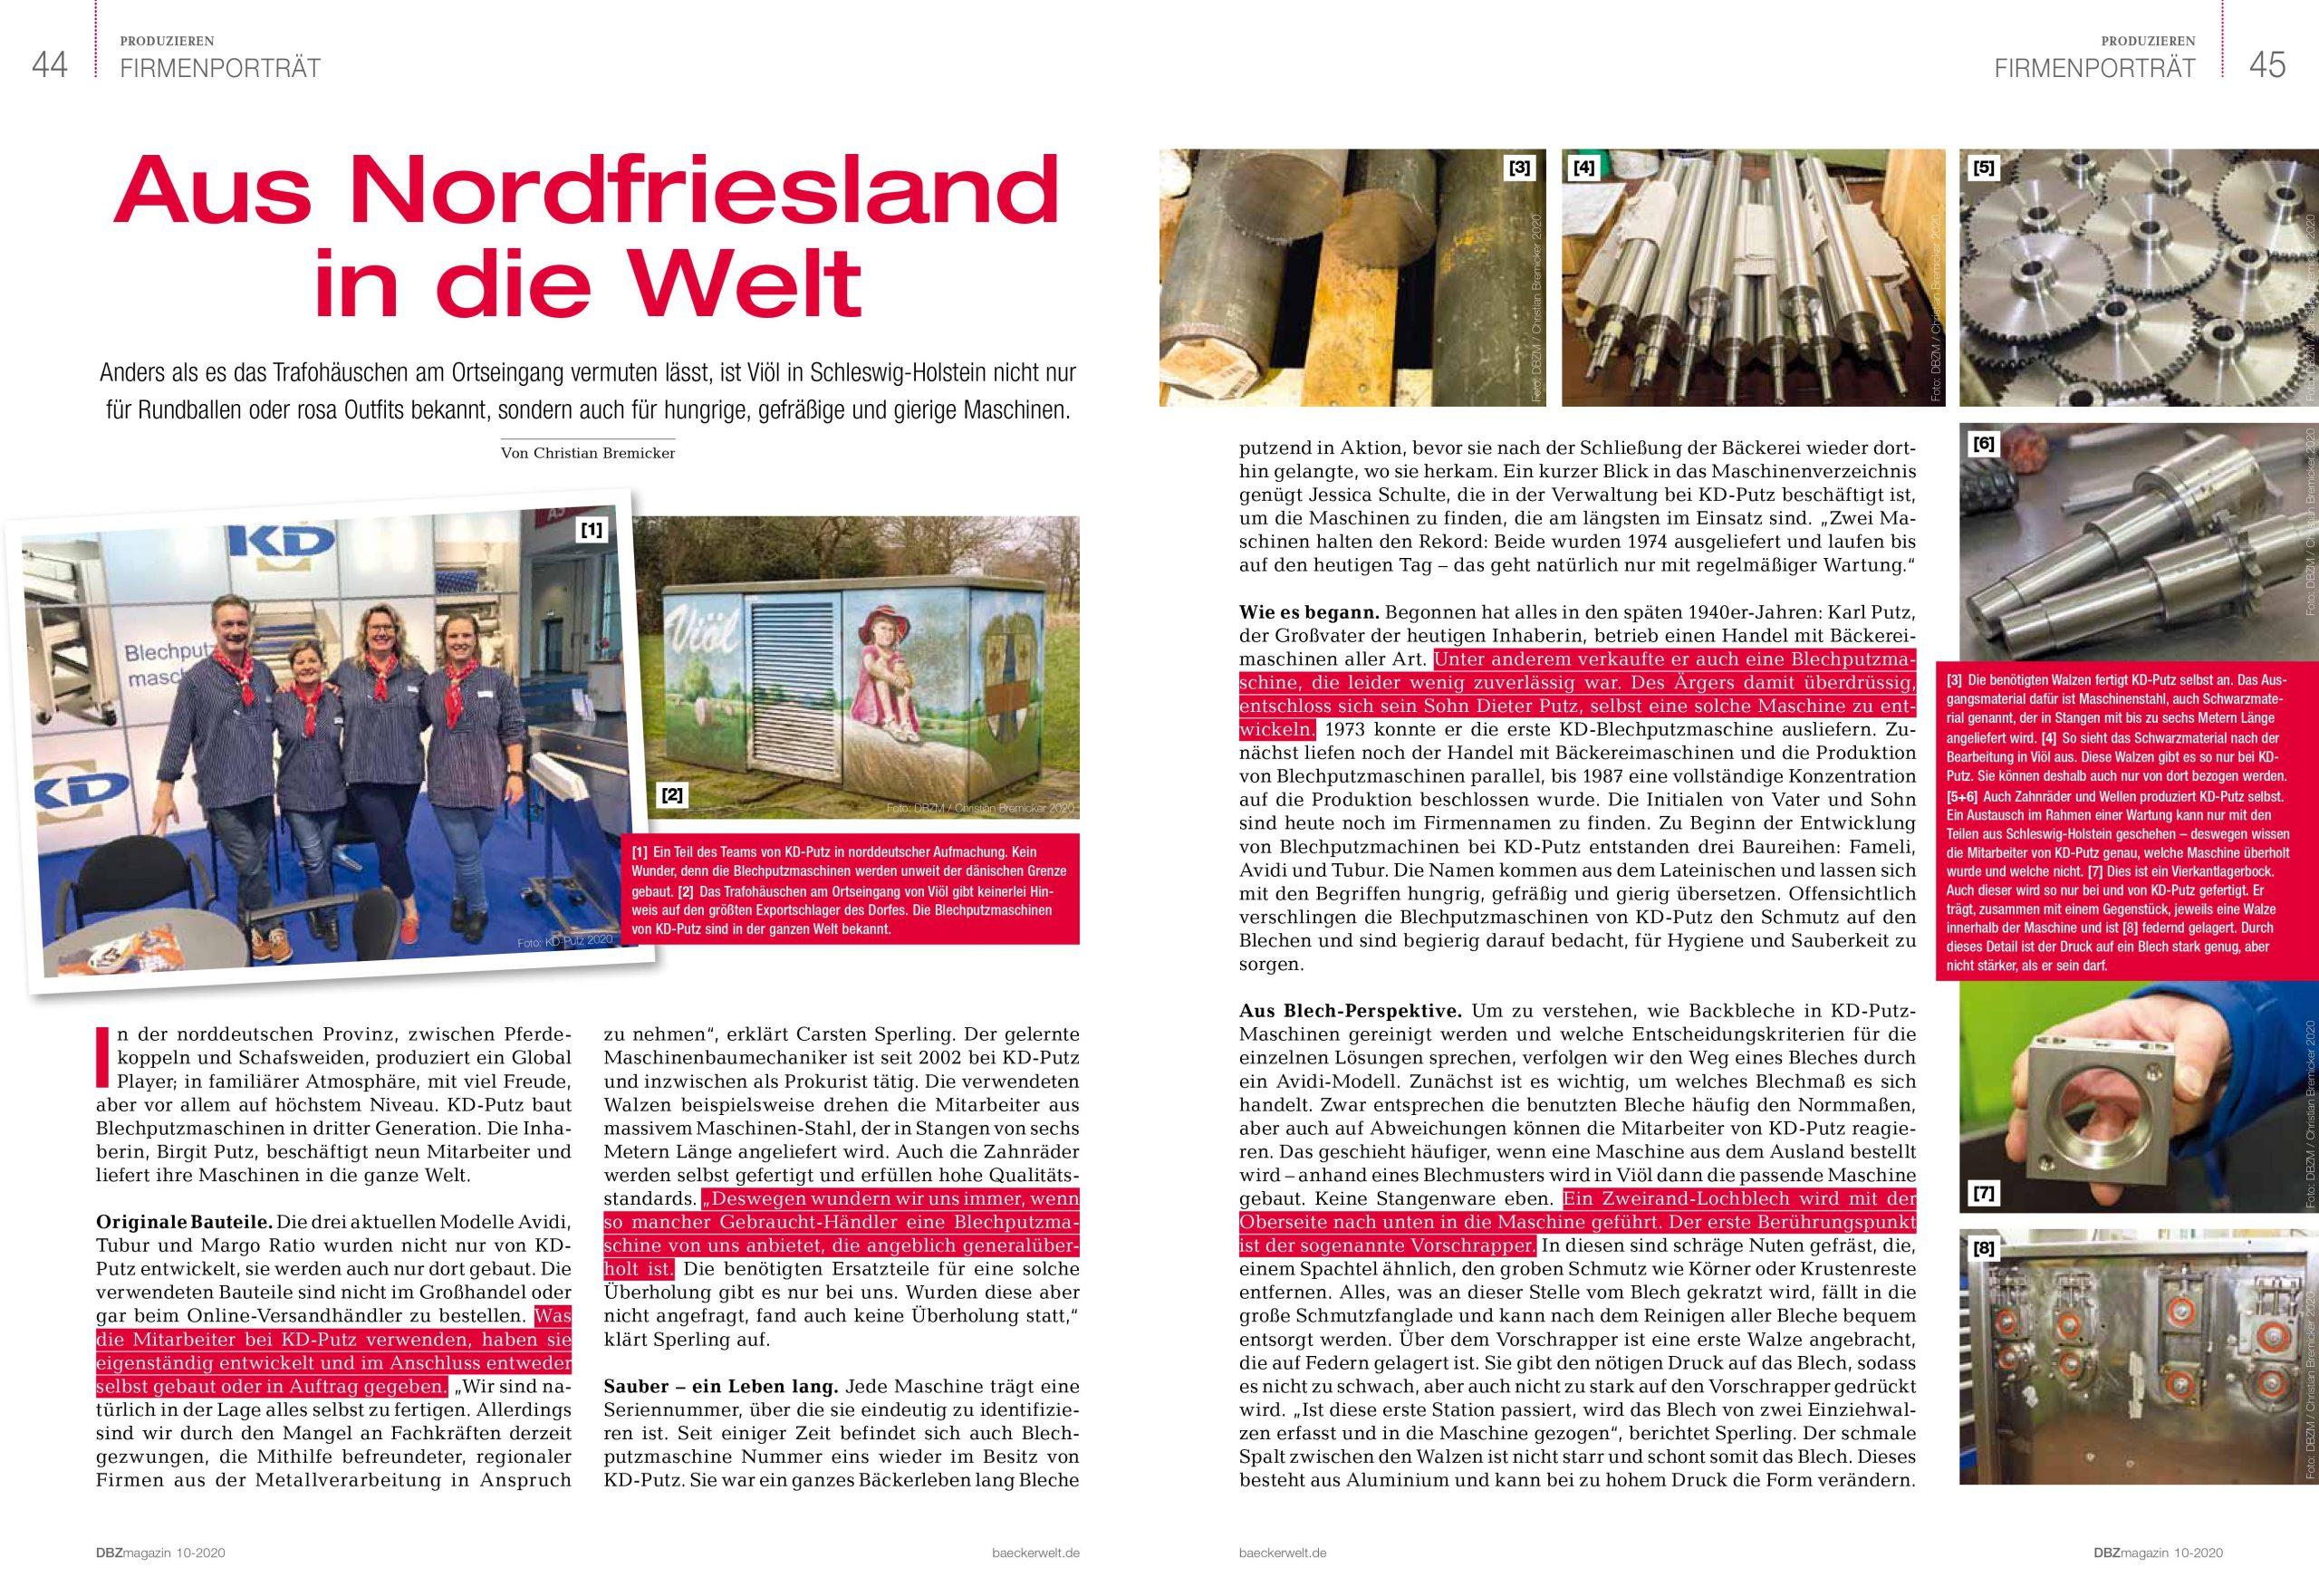 Aus Nordfriesland in die Welt